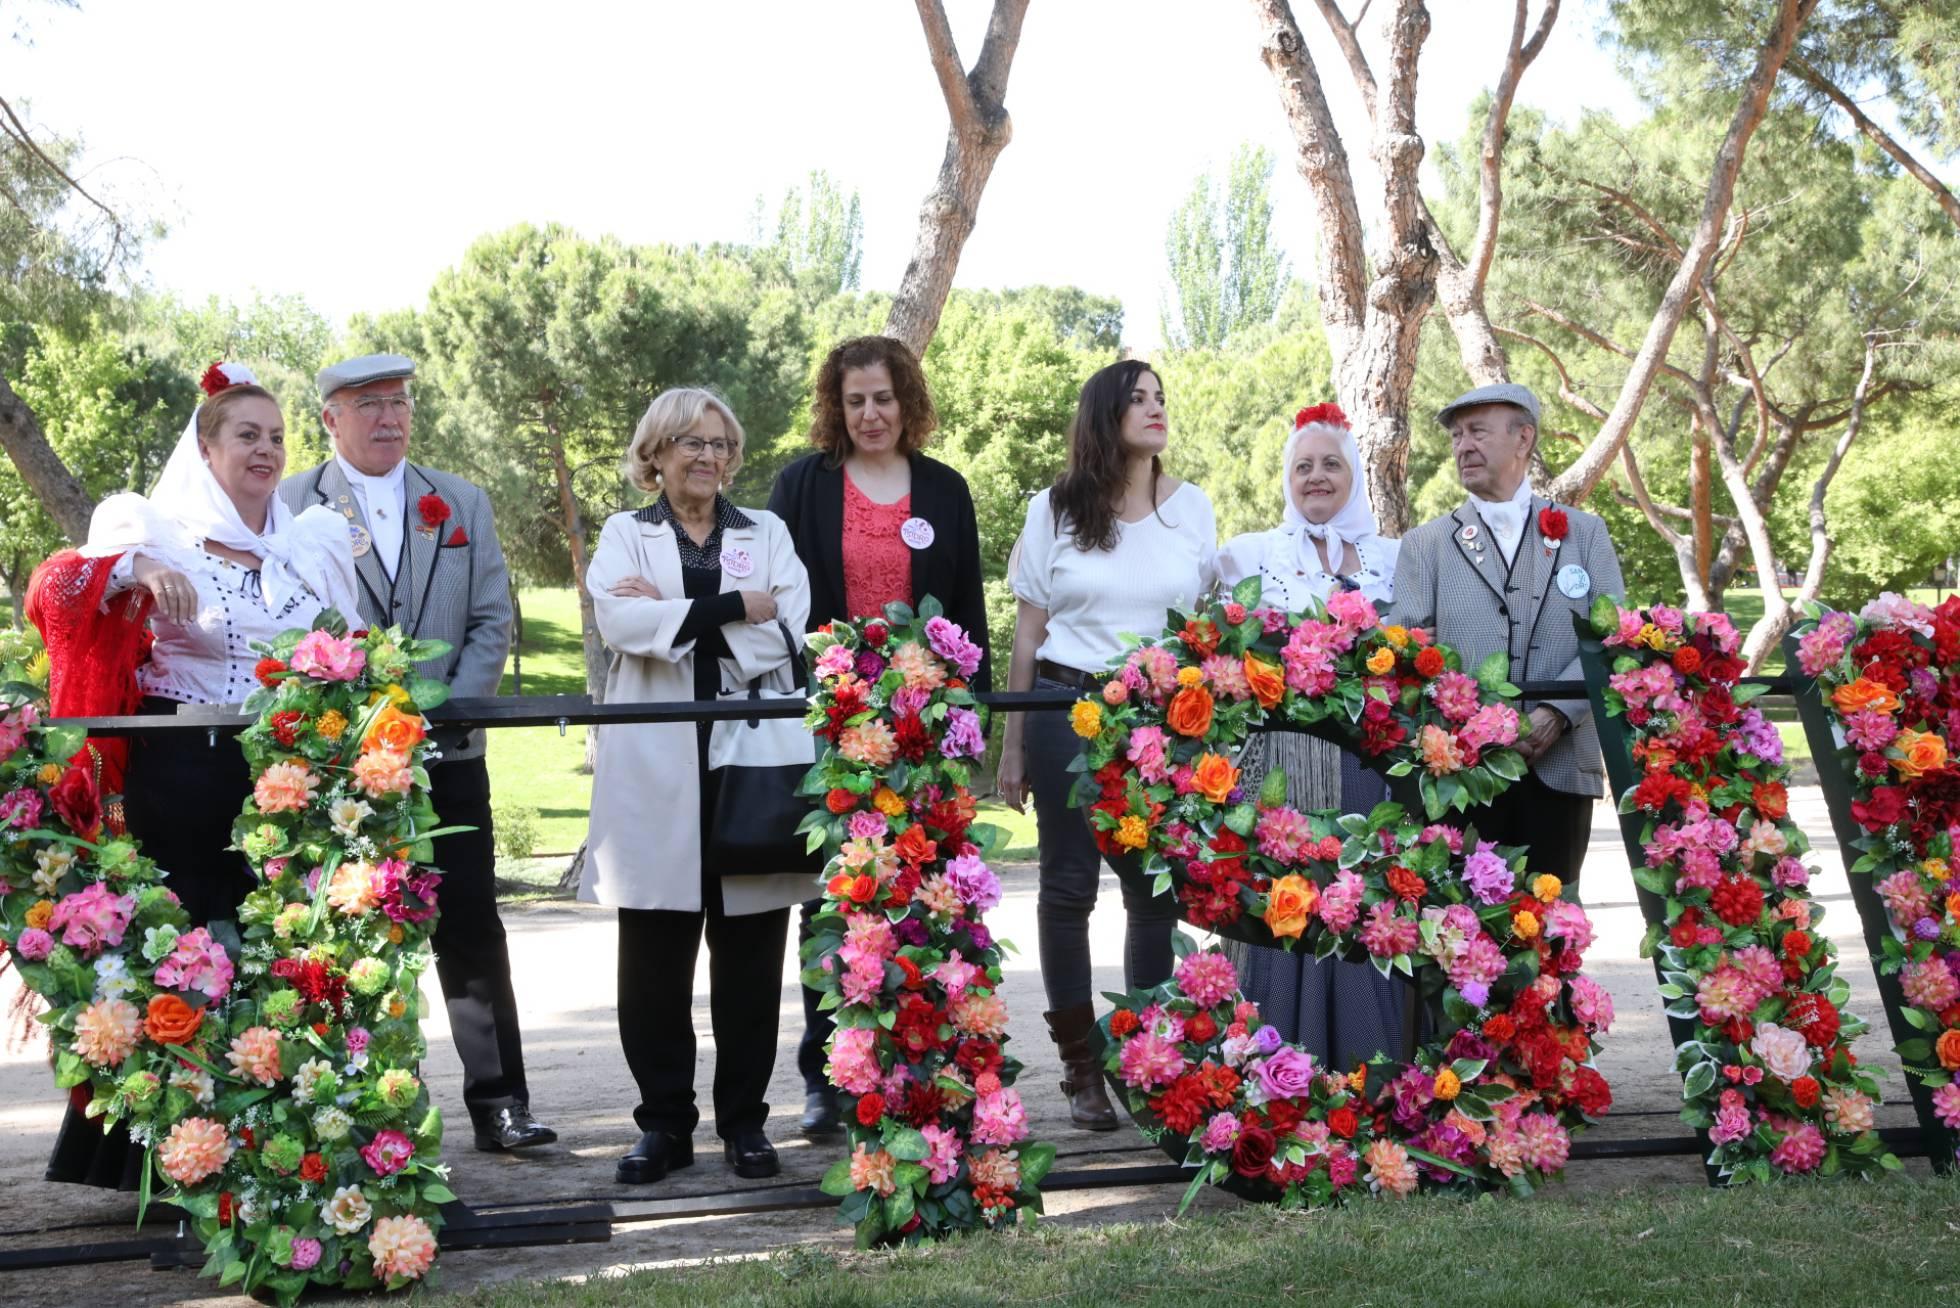 Праздник Сан-Исидро 2019 в Мадриде: вербены, живая музыка и танцы